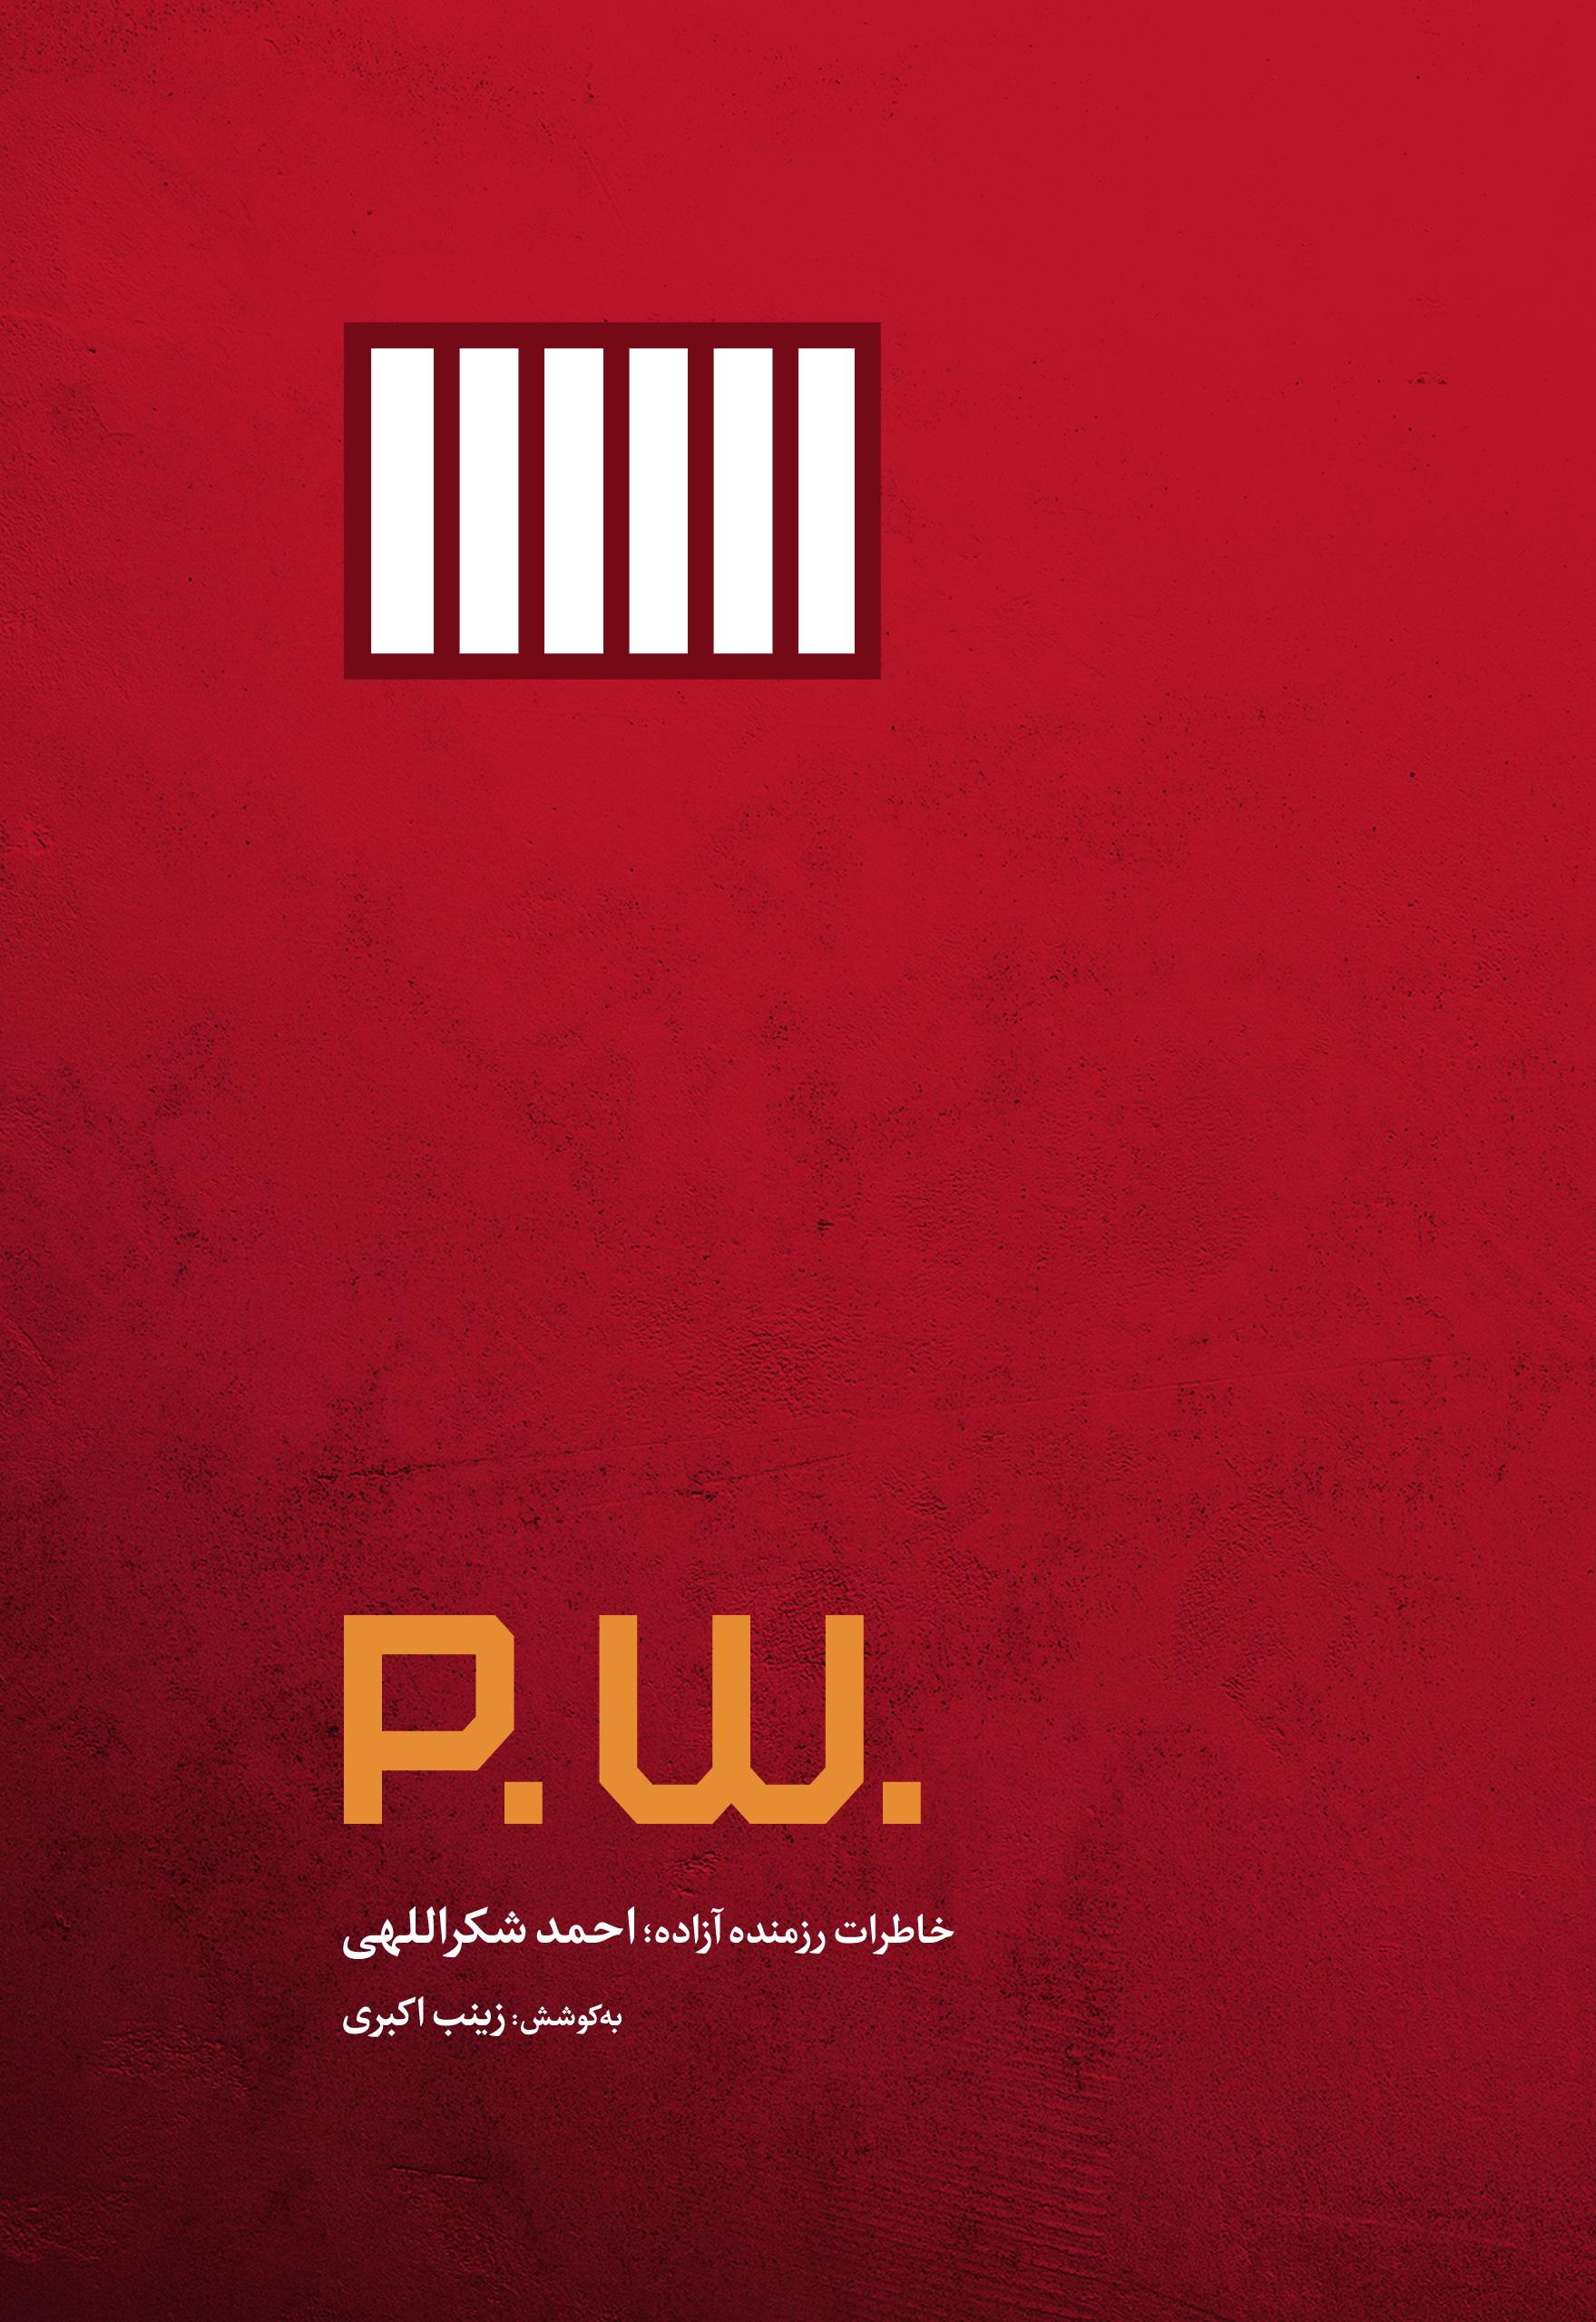 کتاب پیدبلیو P.W خاطرات رزمنده آزاده احمد شکراللهی